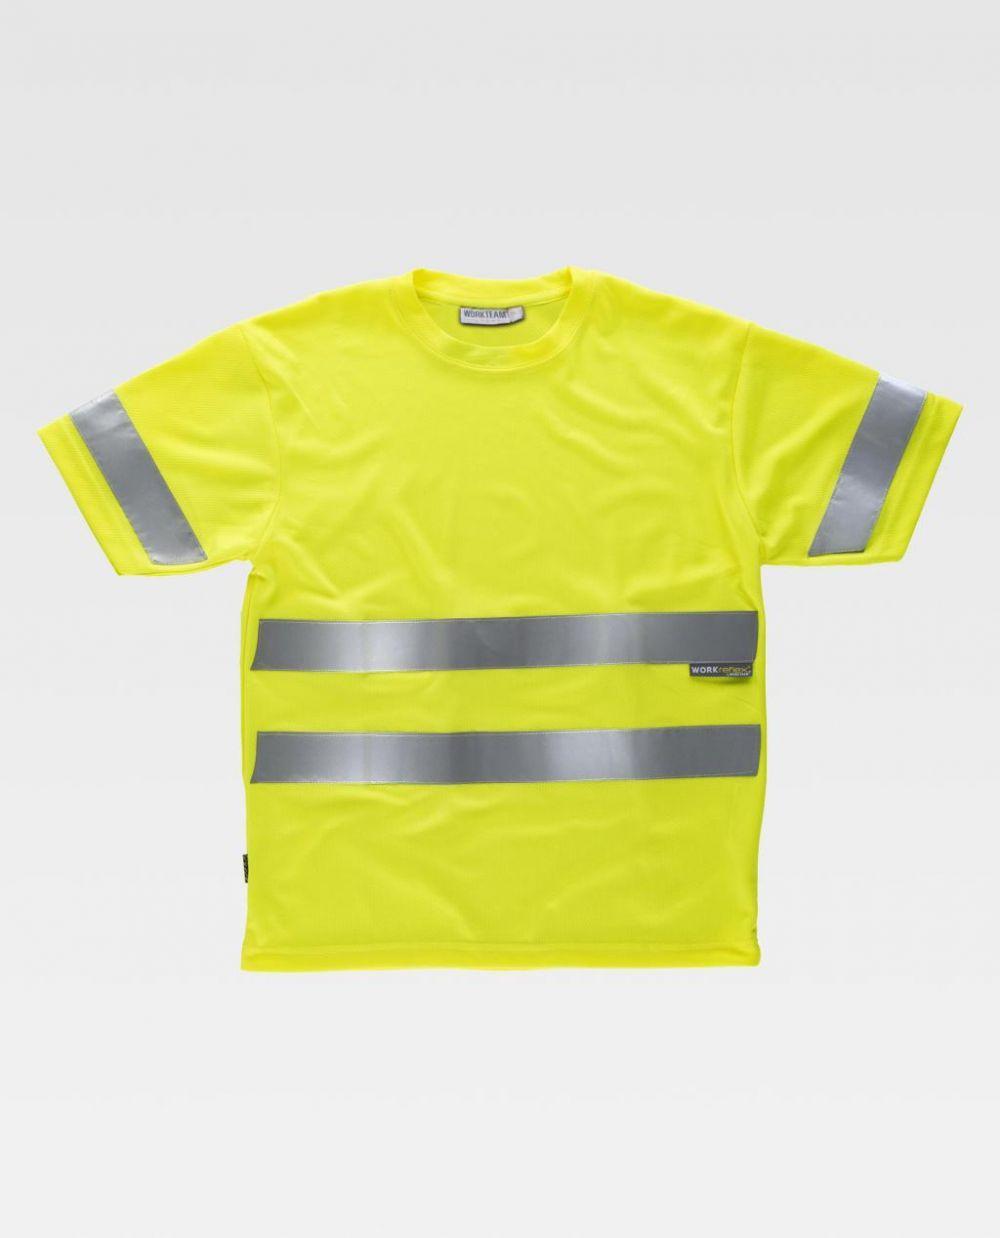 Camisetas reflectantes workteam alta visbilidad mc vista 1